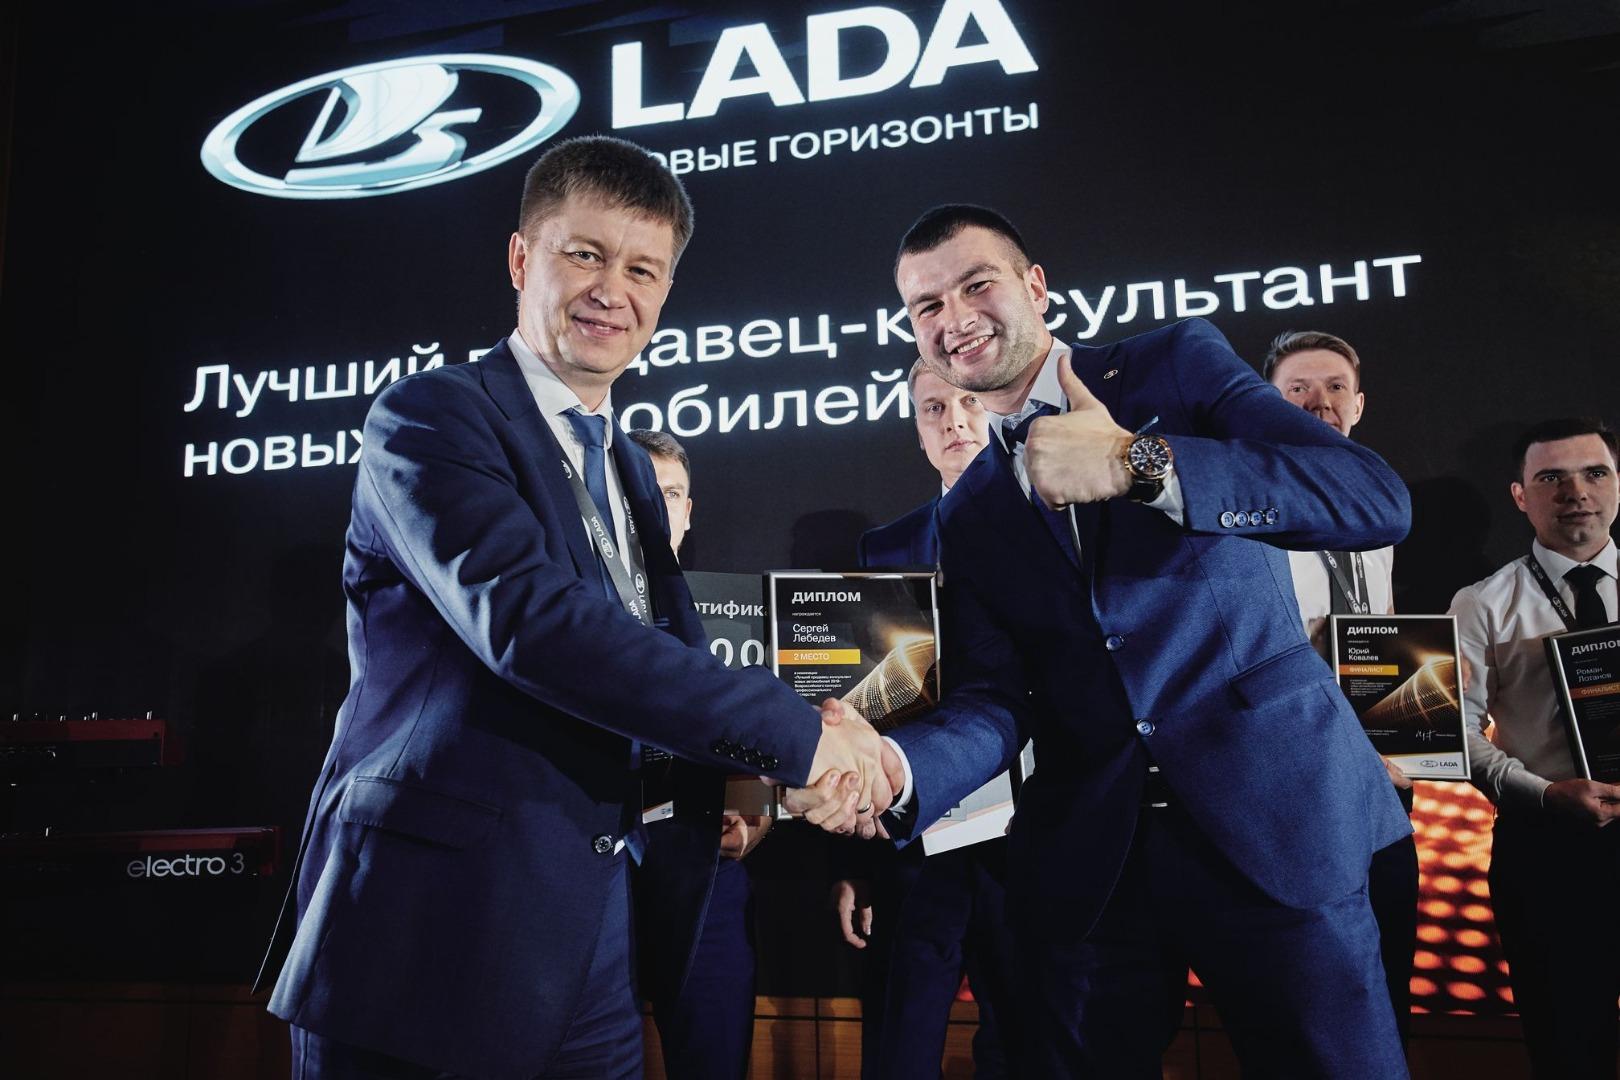 Сотрудники «Кострома-Лада-Сервис» заняли призовые места на Всероссийском конкурсе профессионального мастерства LADA 2019